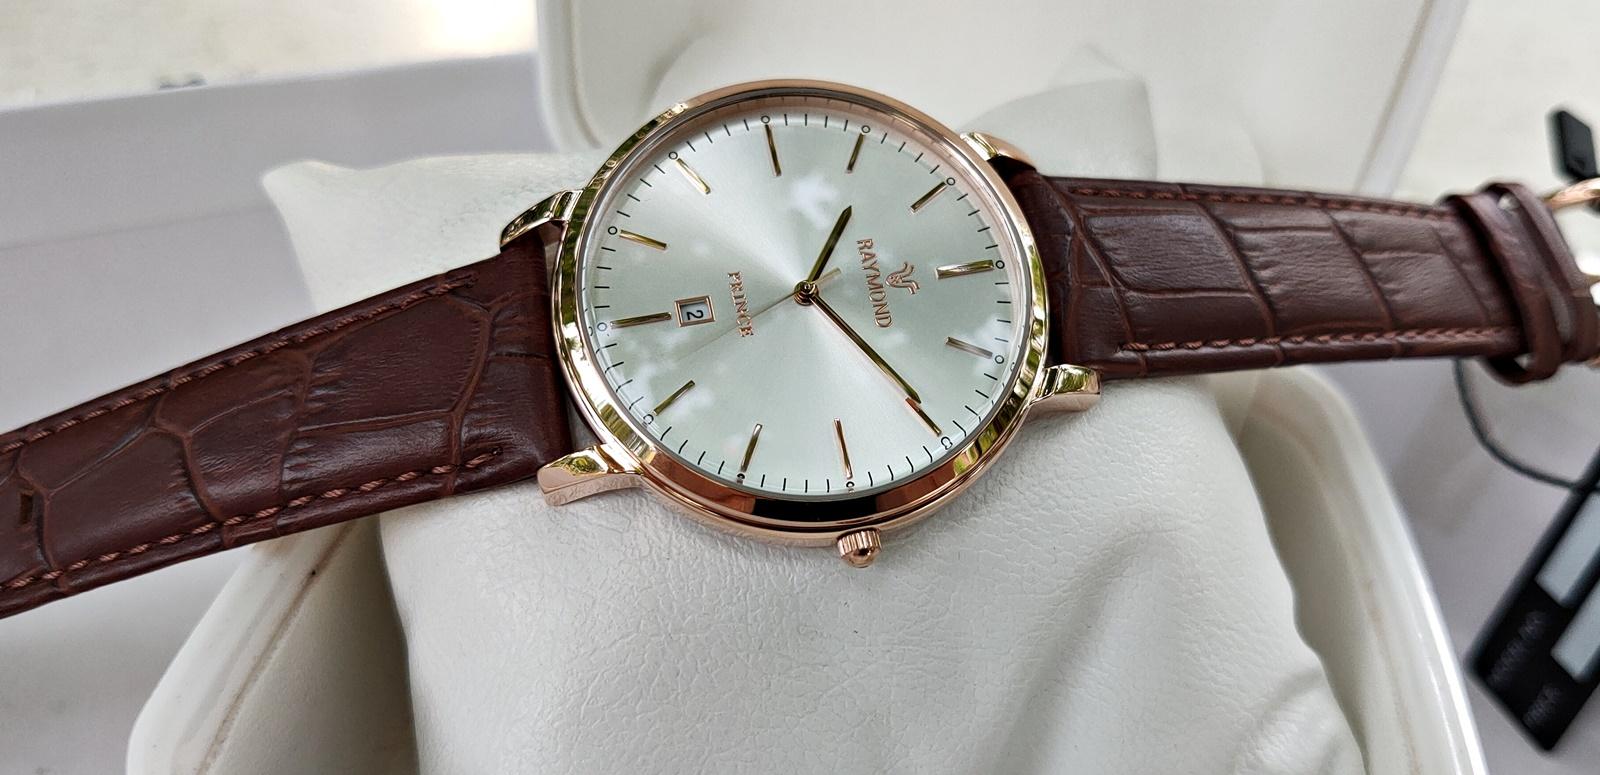 Raymond Swiss Kahverengi Klasik Erkek Kol Saati Fiyatlari Ve Ozellikleri